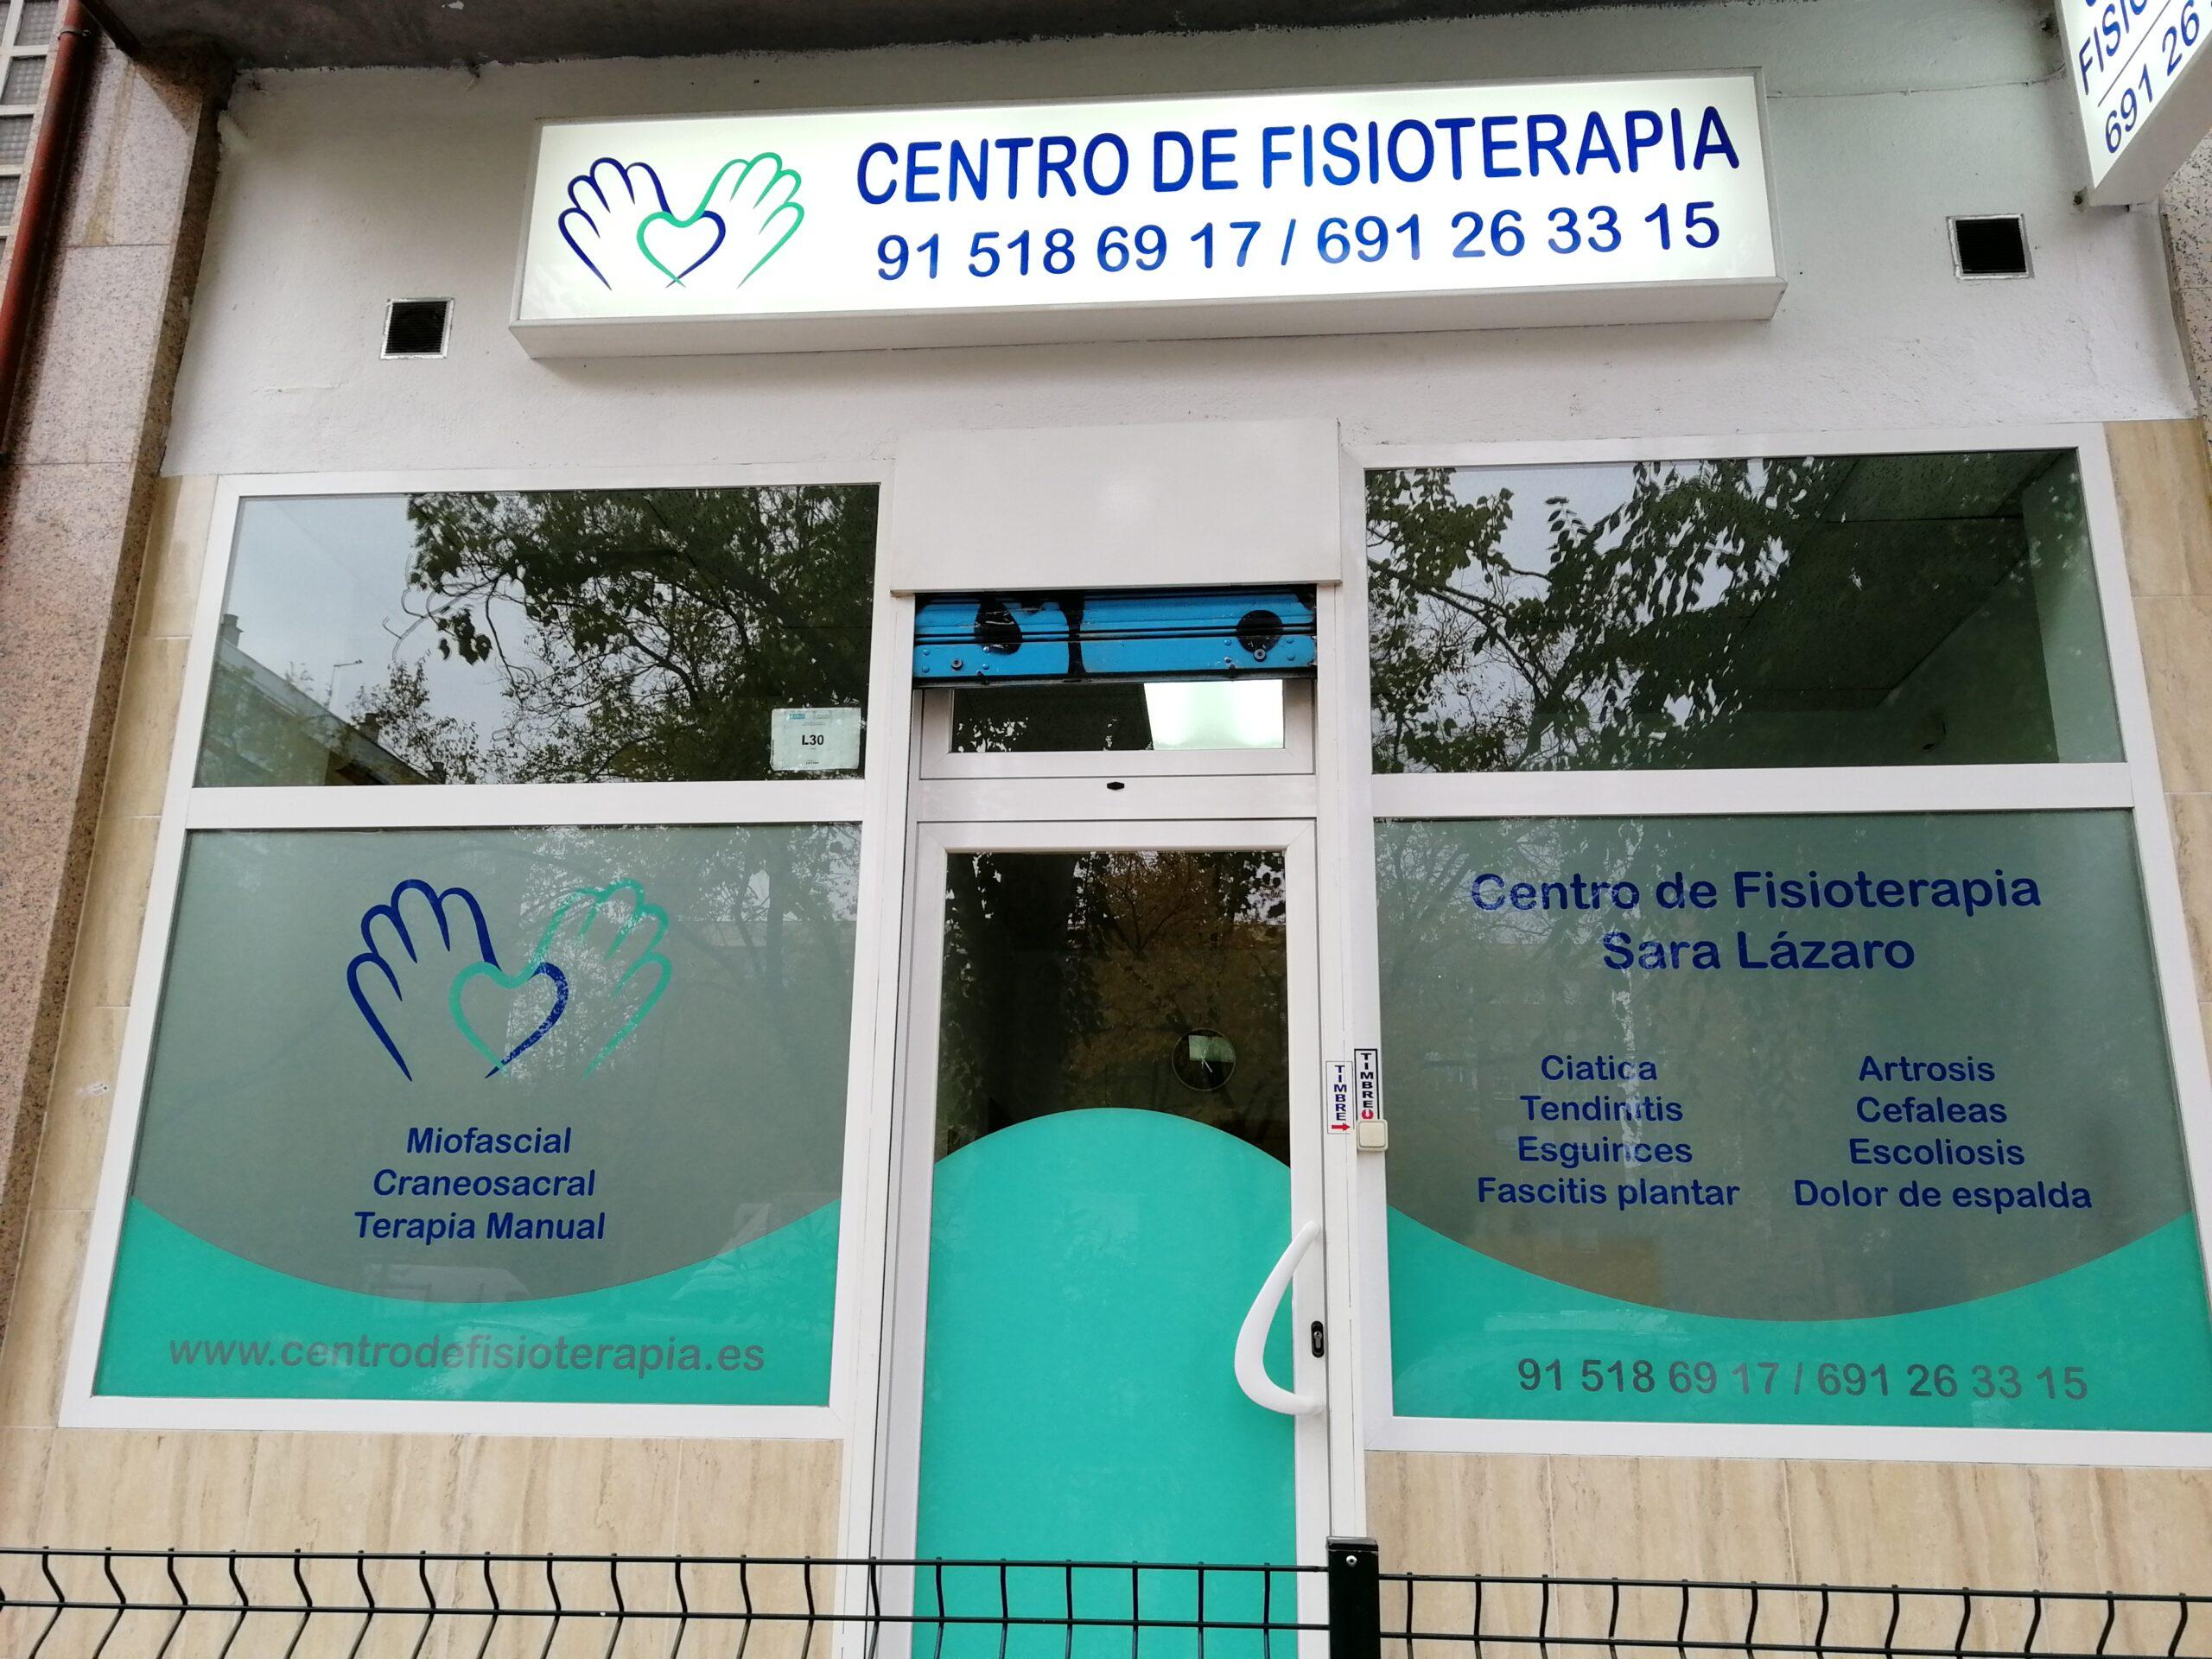 Centro de Fisioterapia en Aluche